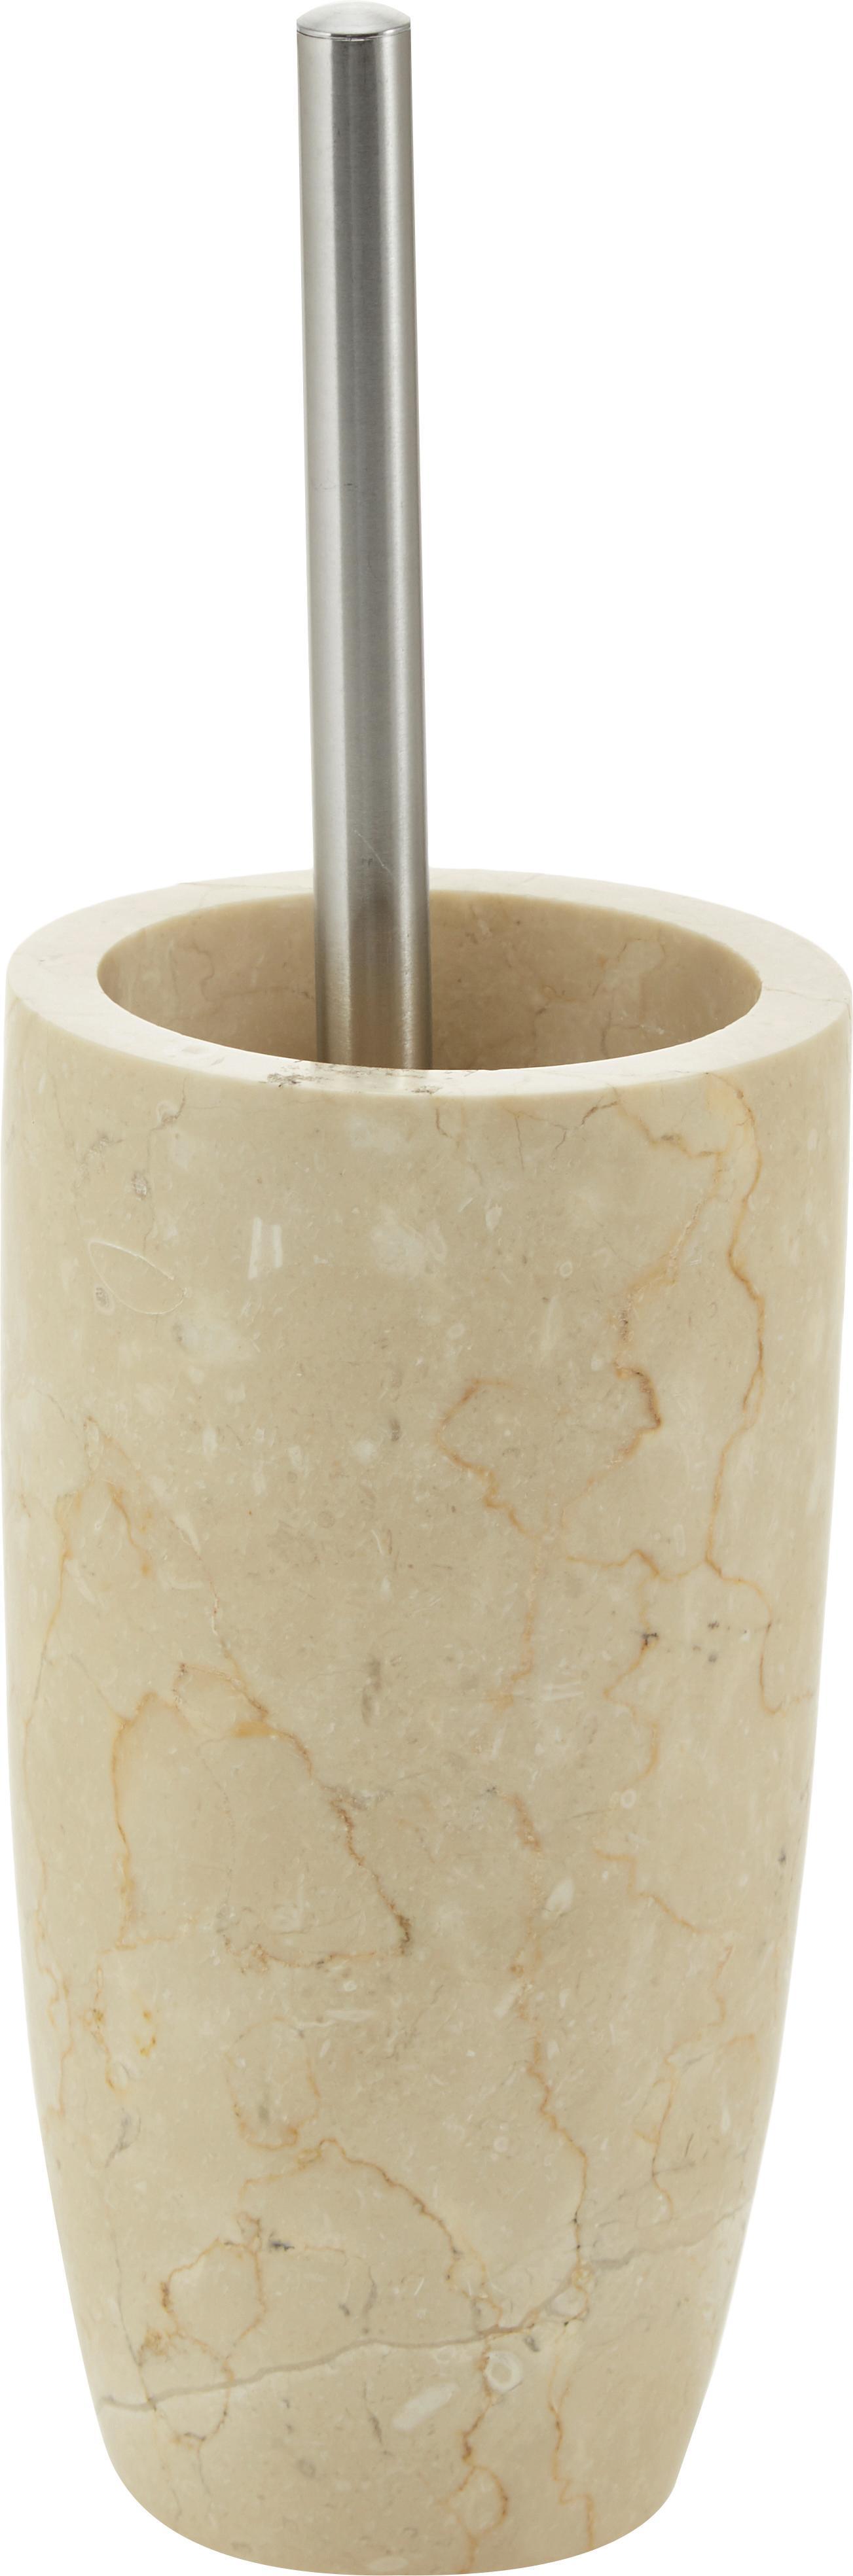 Escobilla de baño de mármol Luxor, Beige, acero, Ø 11 x Al 36 cm